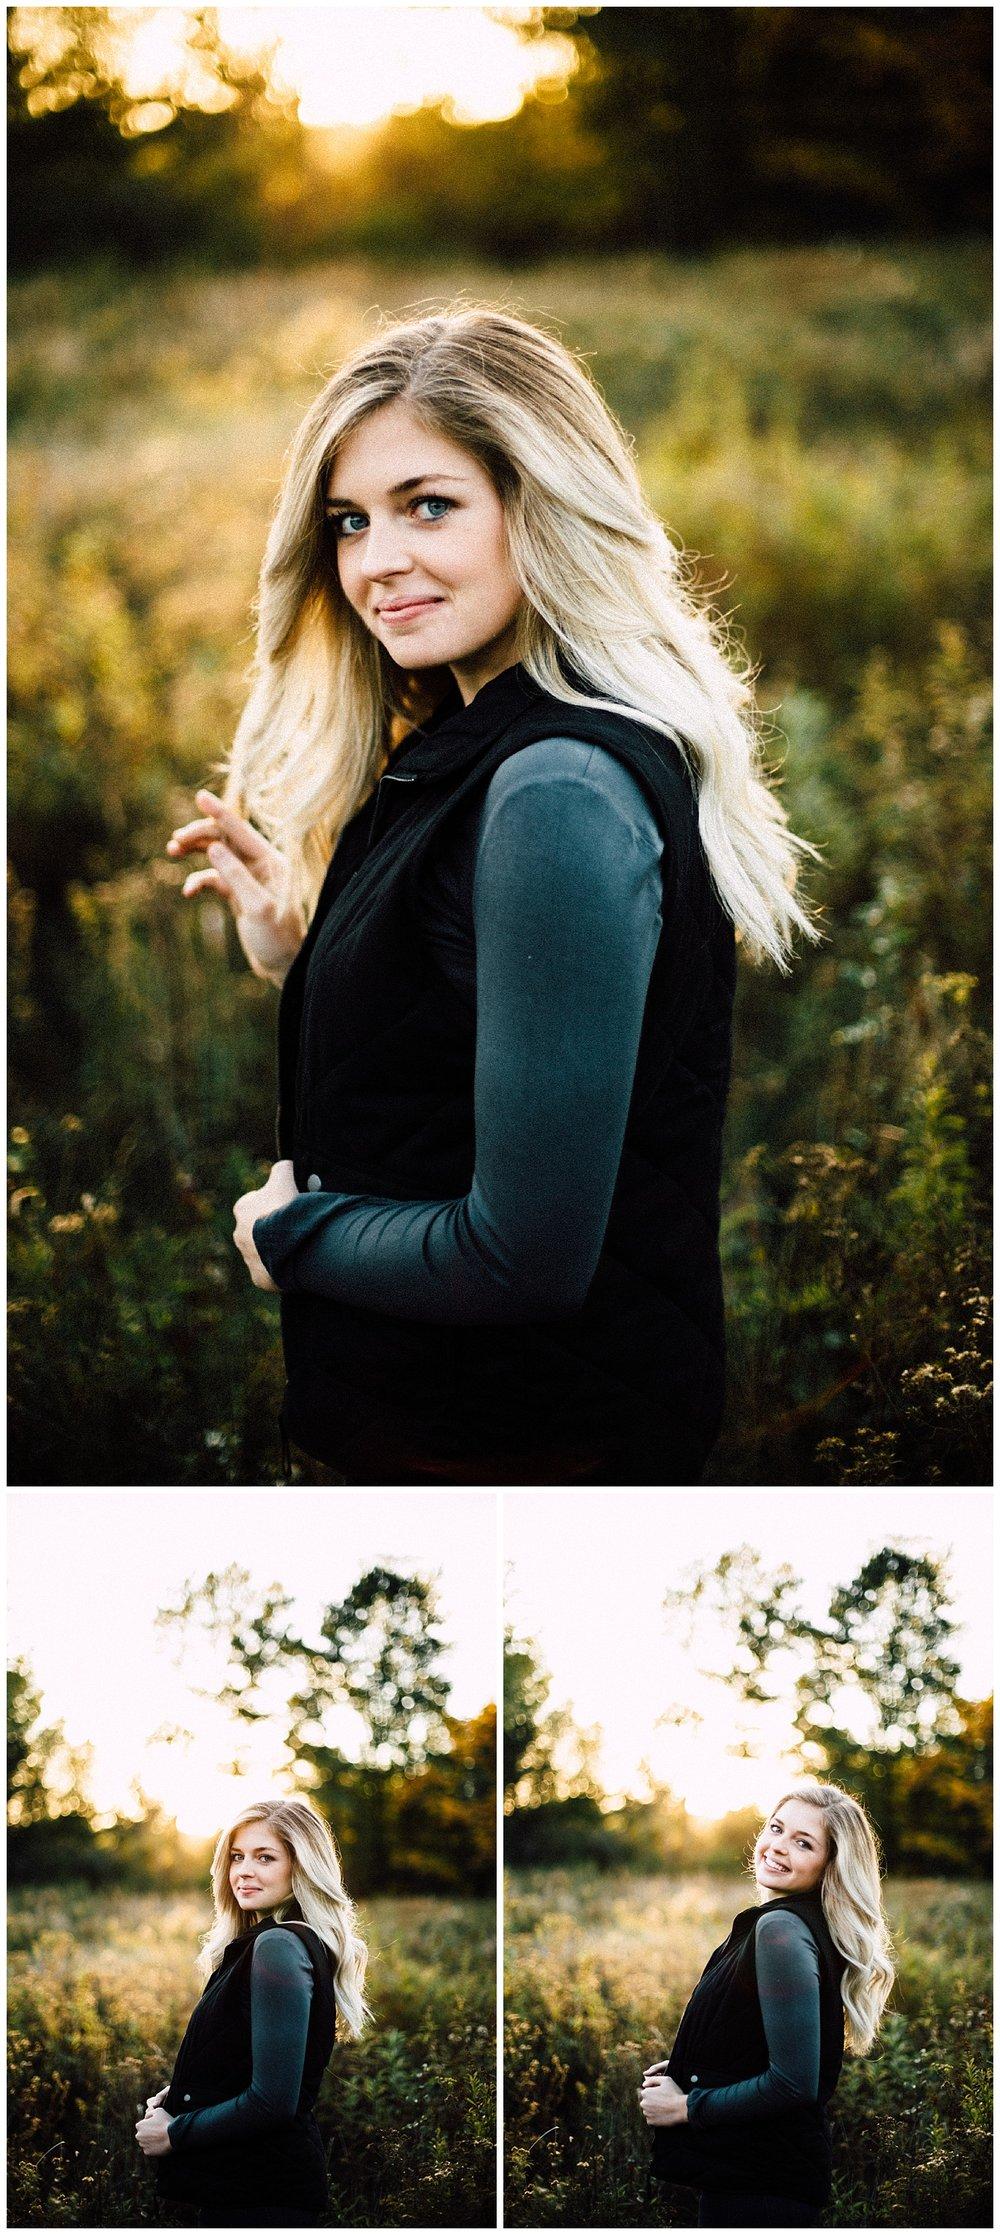 Paige-Reid-Senior-Pictures-Michigan-Senior-Photographer-174.jpg